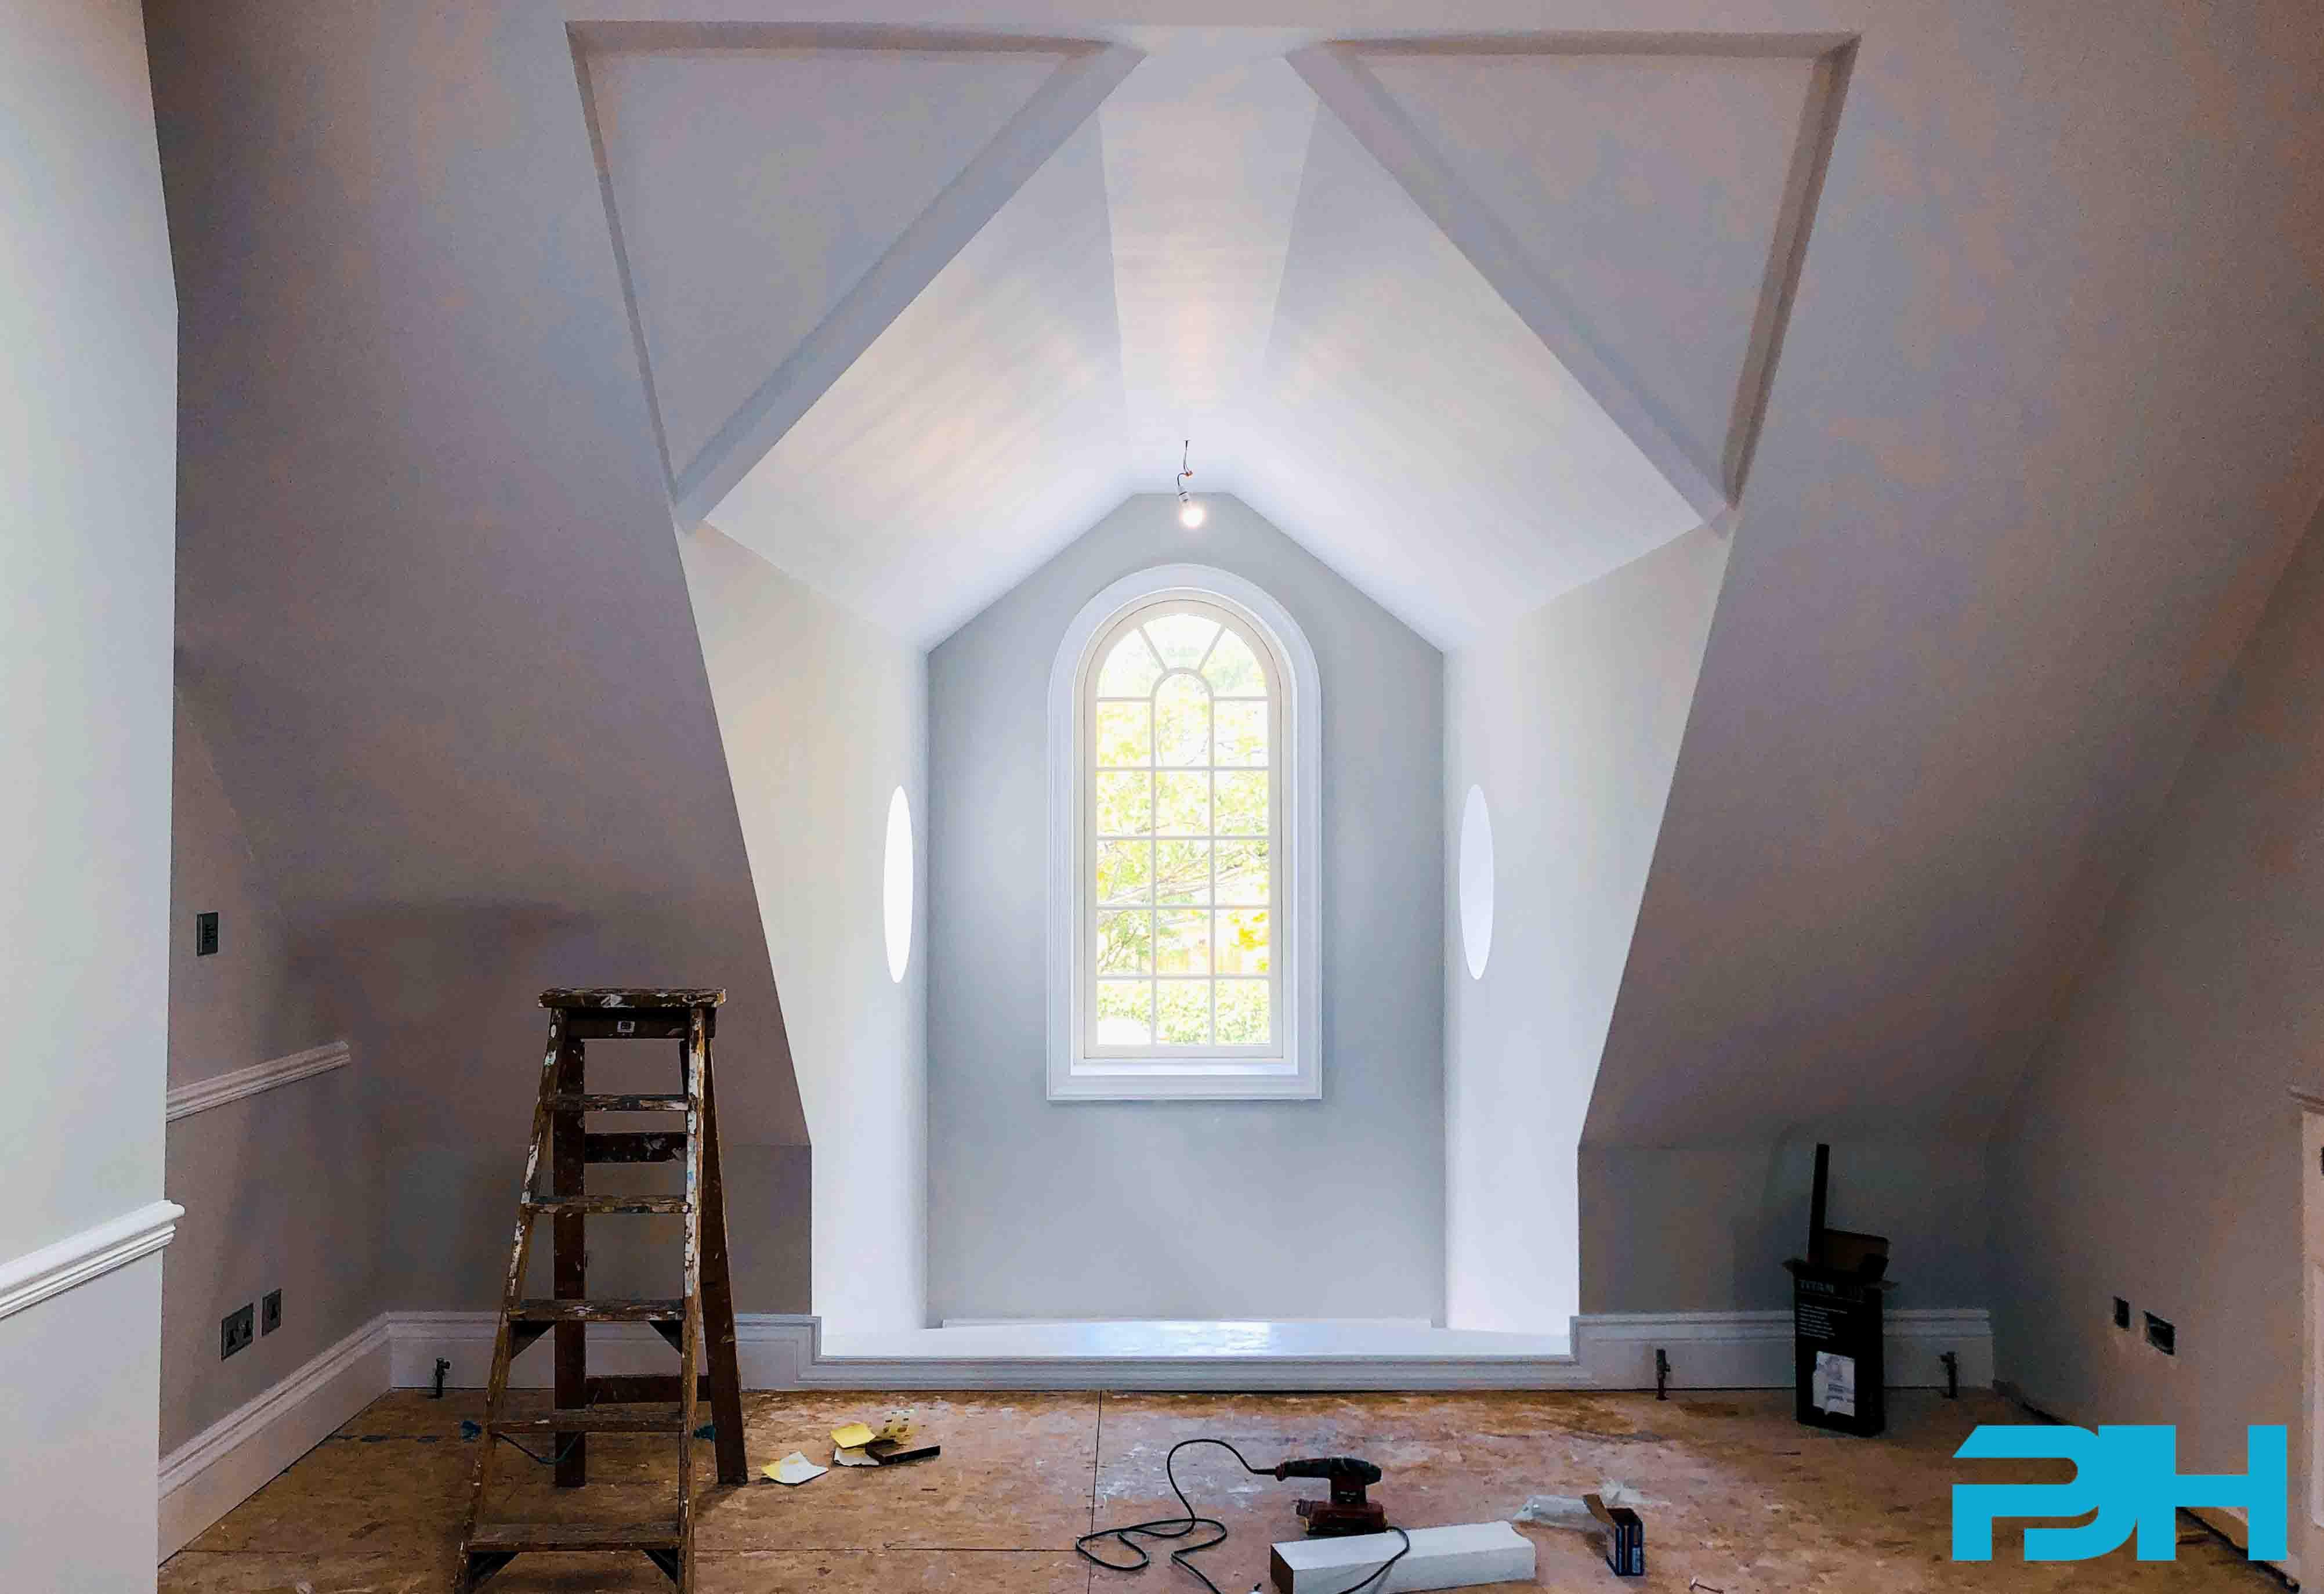 Cheshire Architect